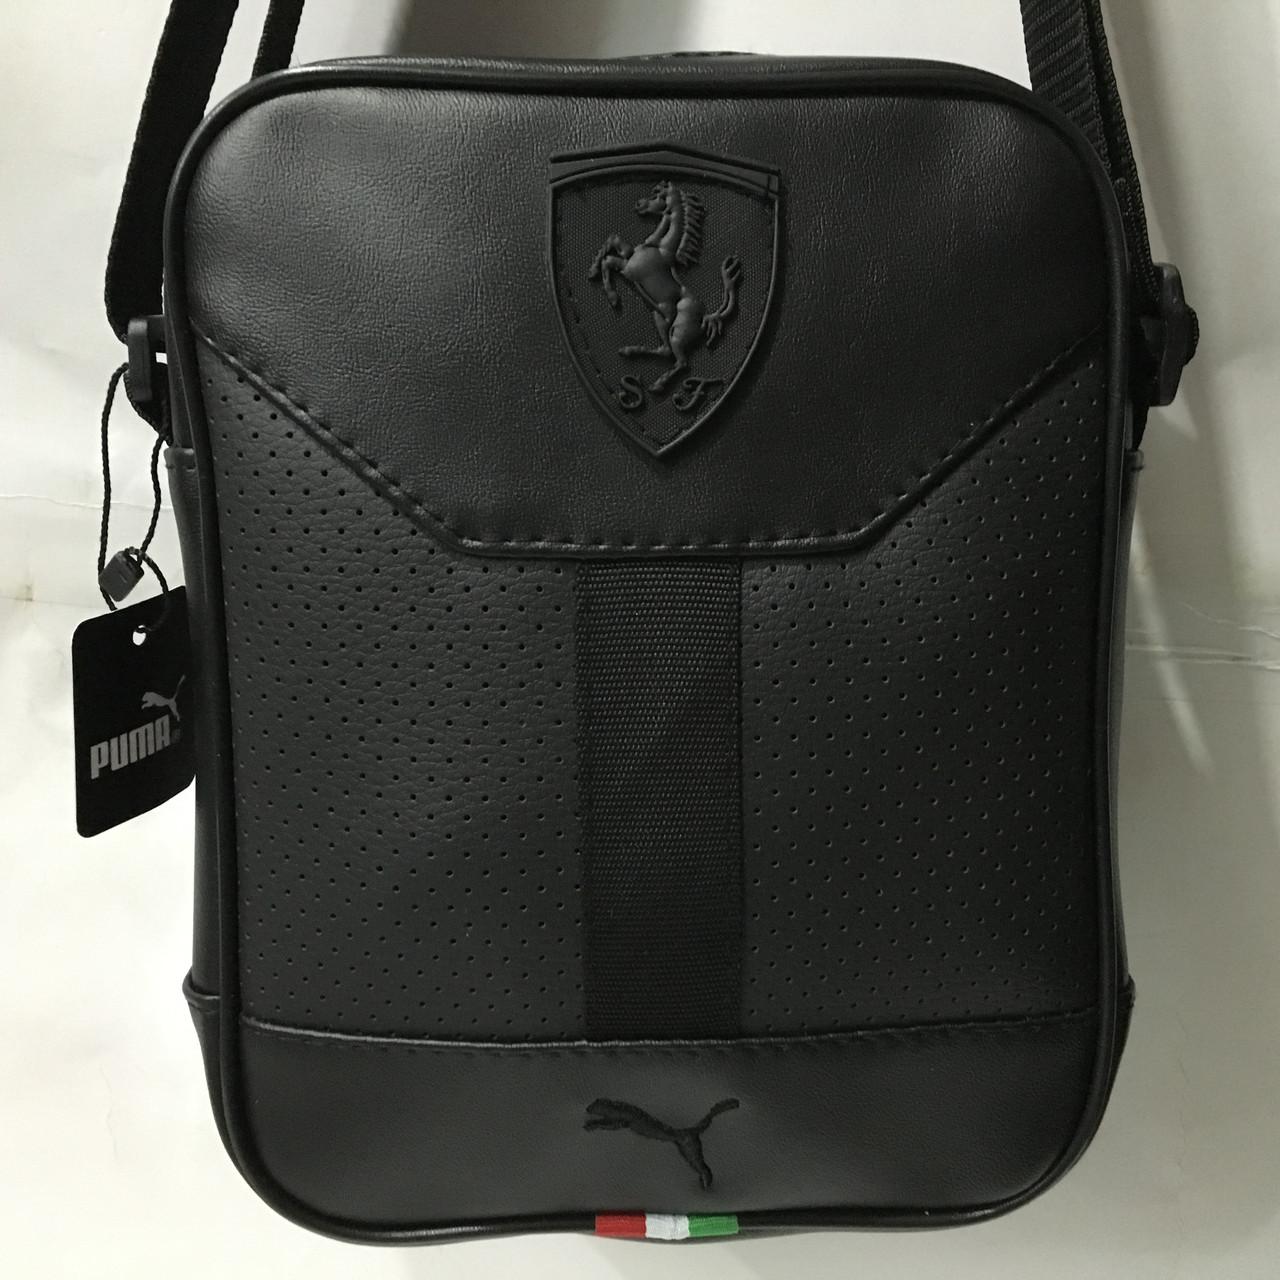 9f53aa1d Спортивная молодежная сумка через плечо Puma ferrari оптом - магазин спортивных  сумок в Харькове